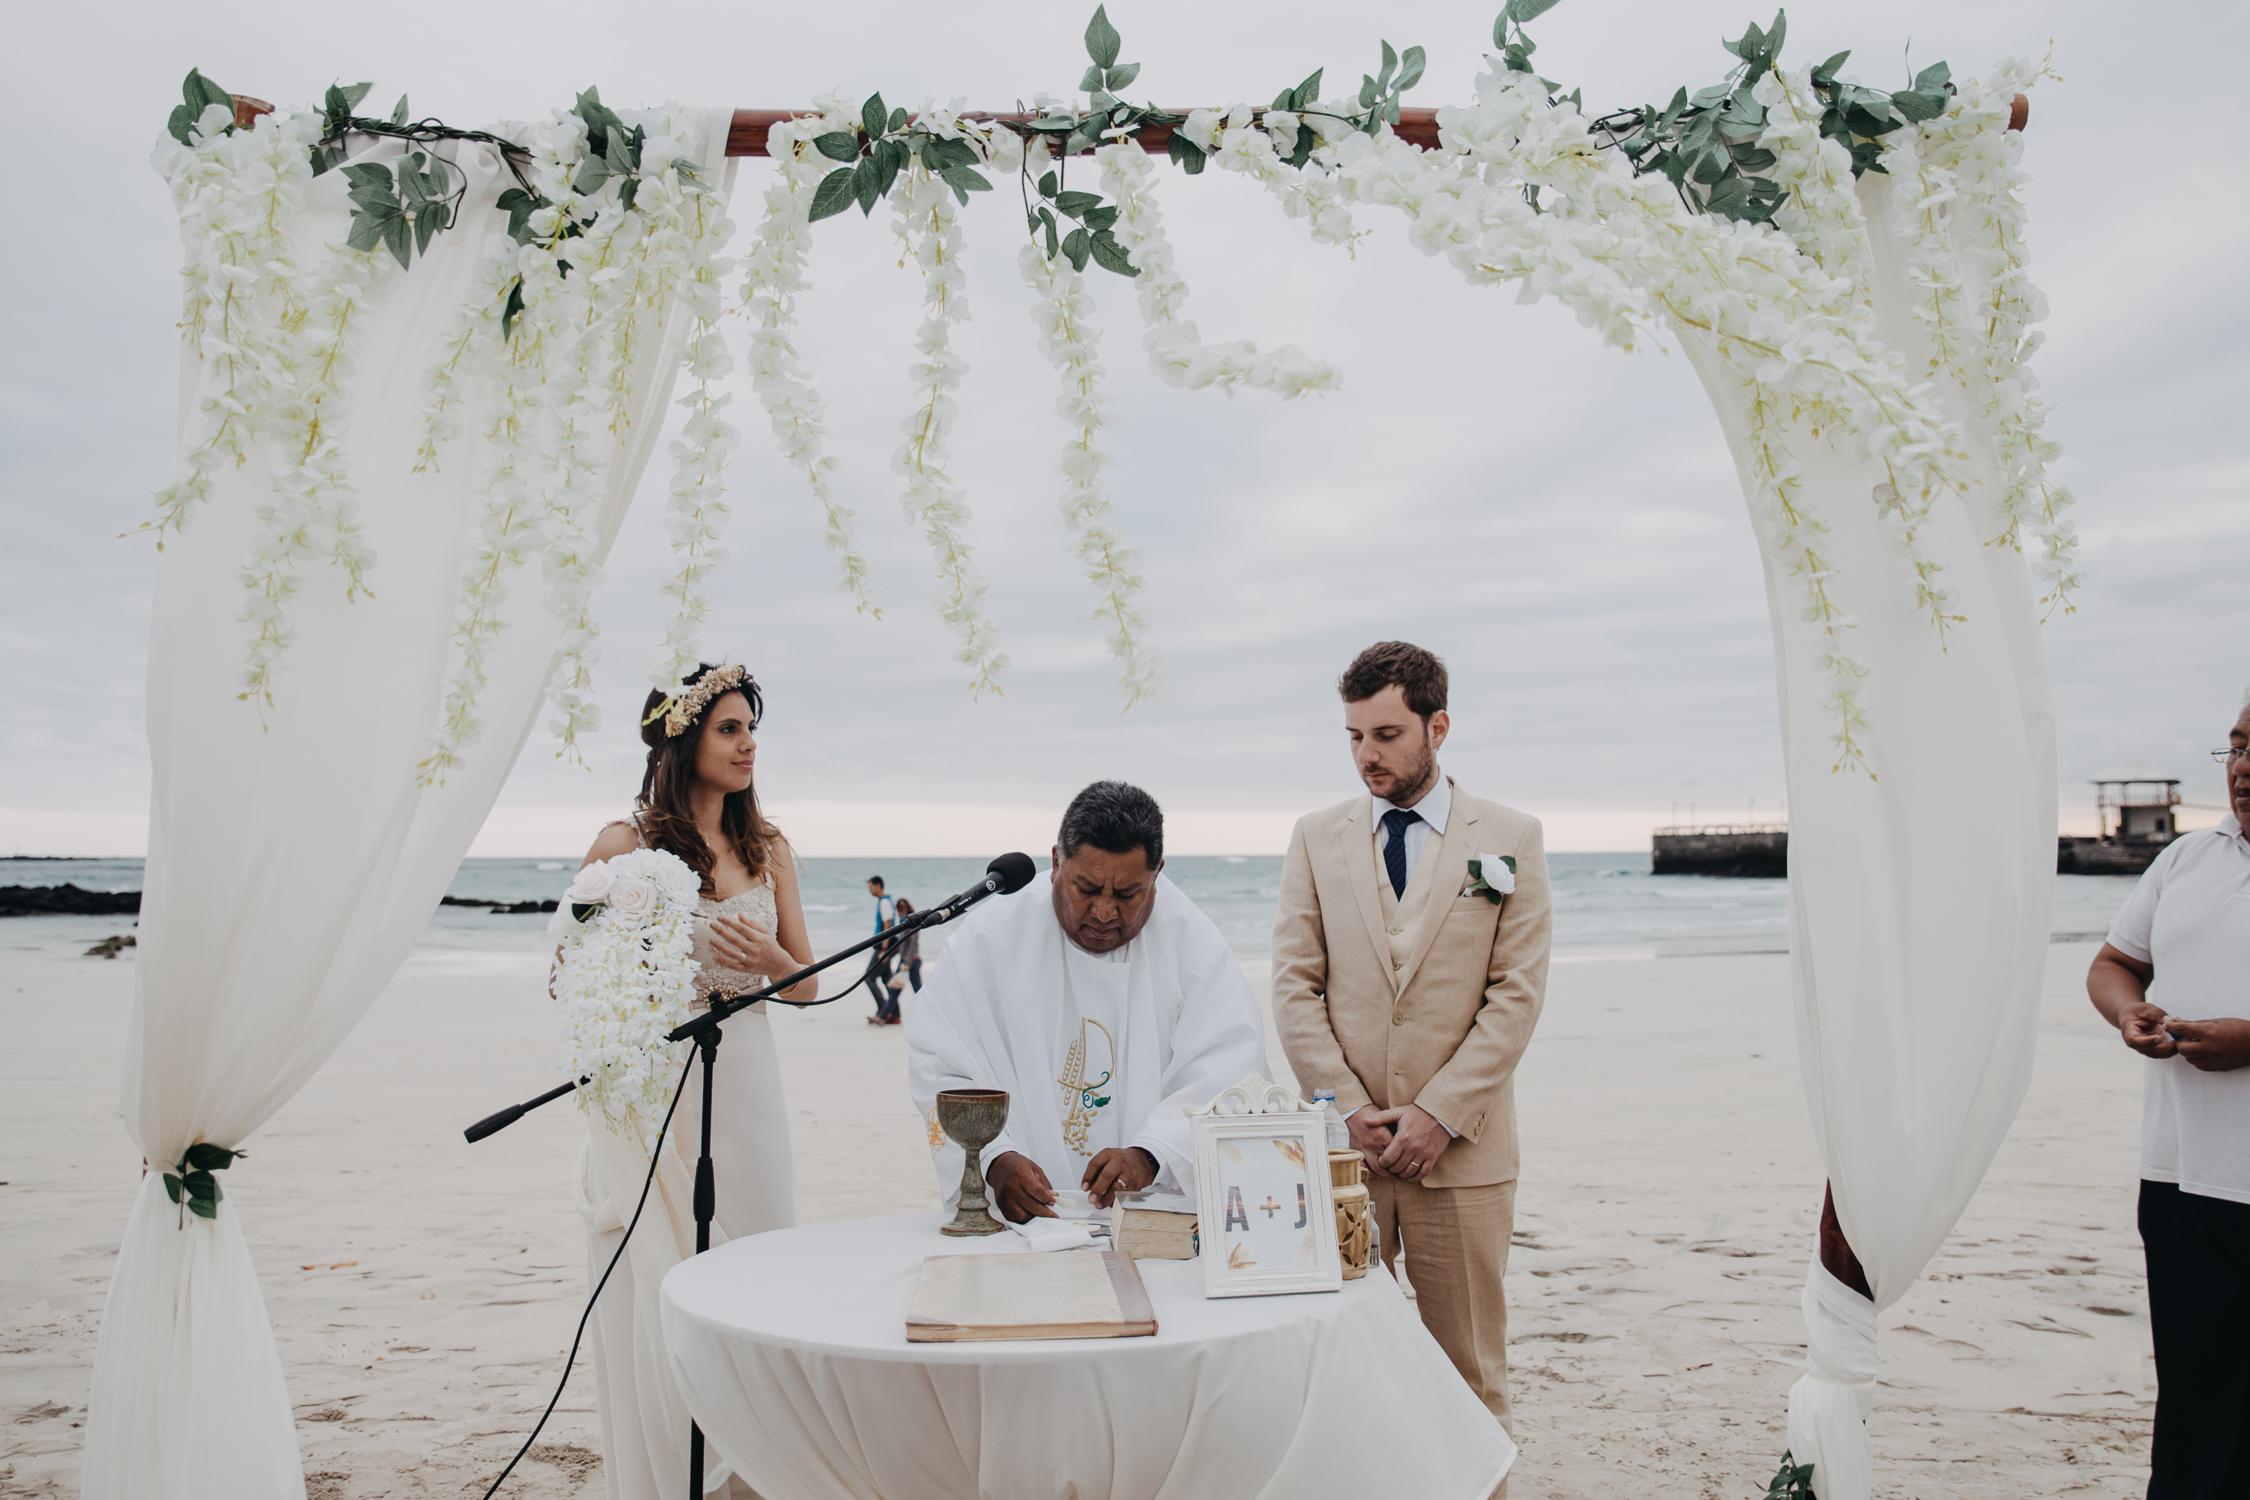 Michelle-Agurto-Fotografia-Bodas-Ecuador-Destination-Wedding-Photographer-Galapagos-Andrea-Joaquin-139.JPG